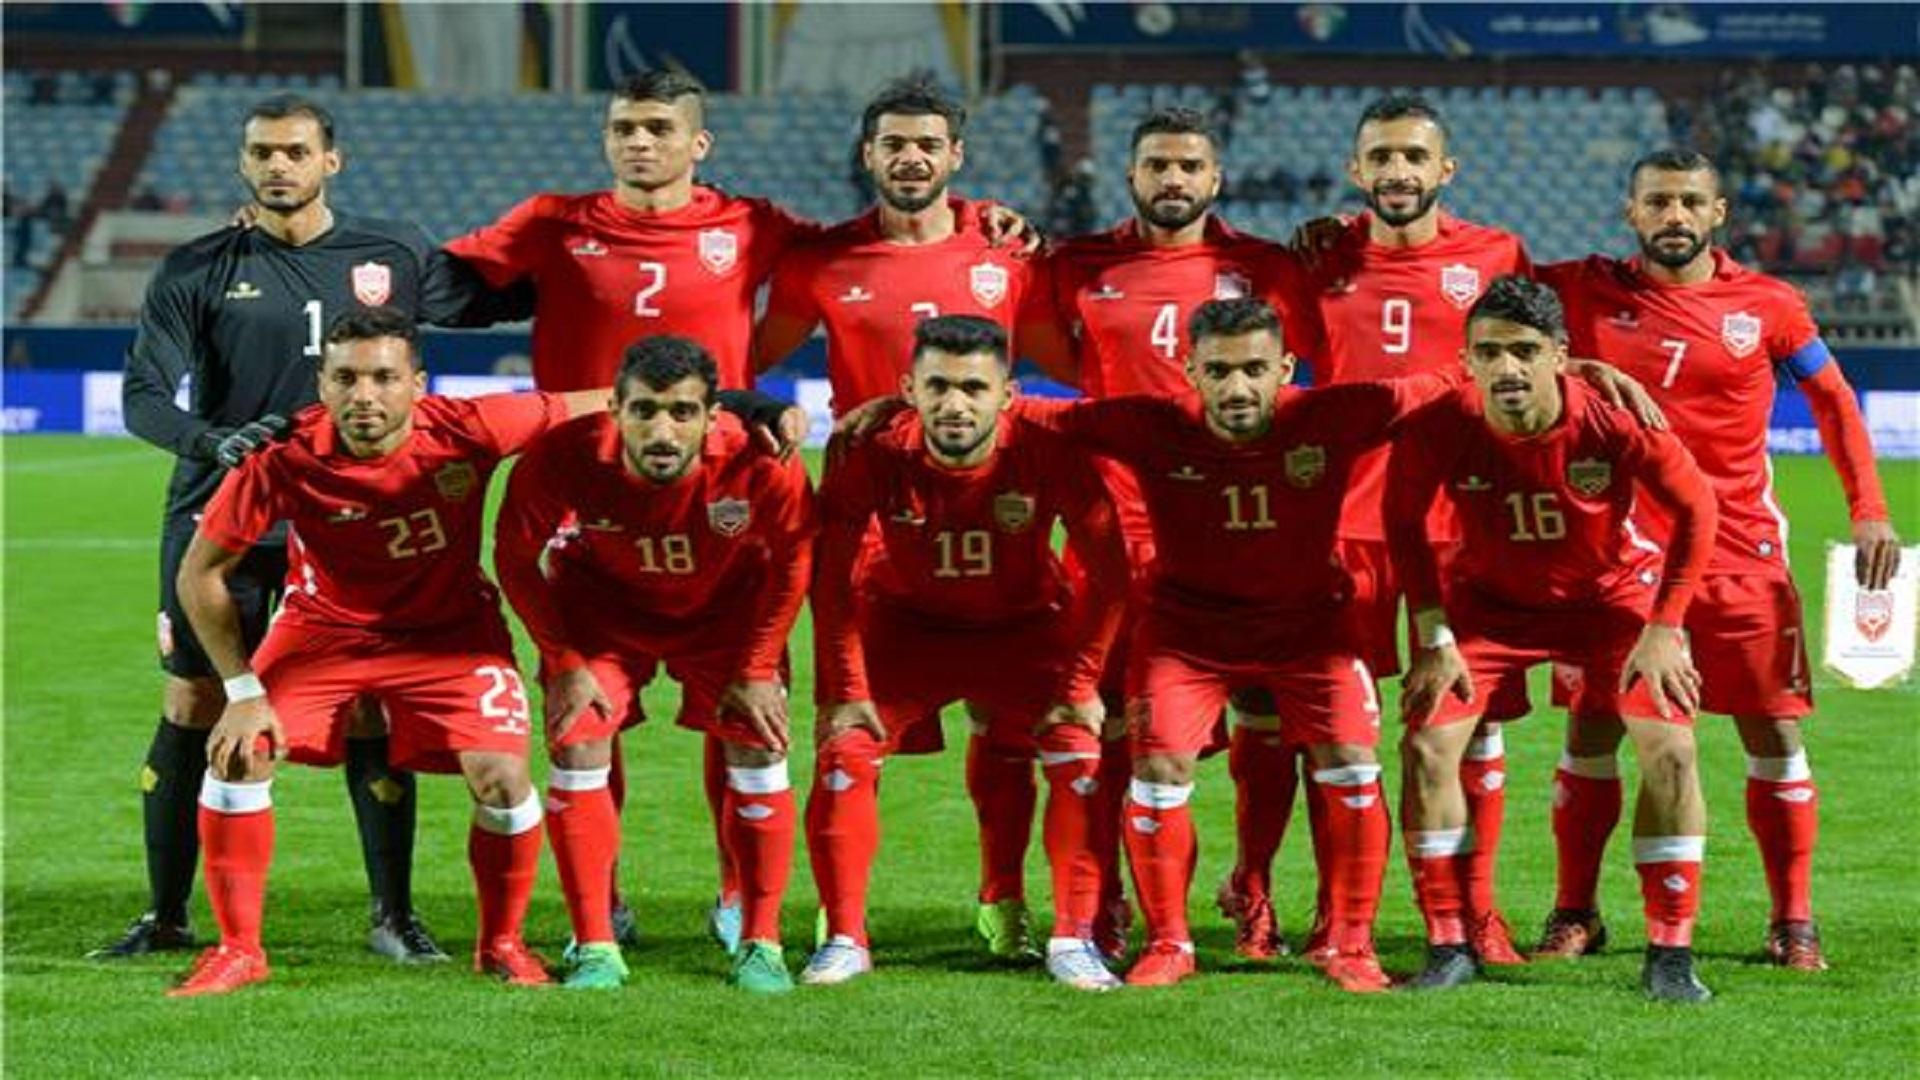 كأس آسيا 2019 منتخب البحرين التاريخ والمدرب وطريقة اللعب